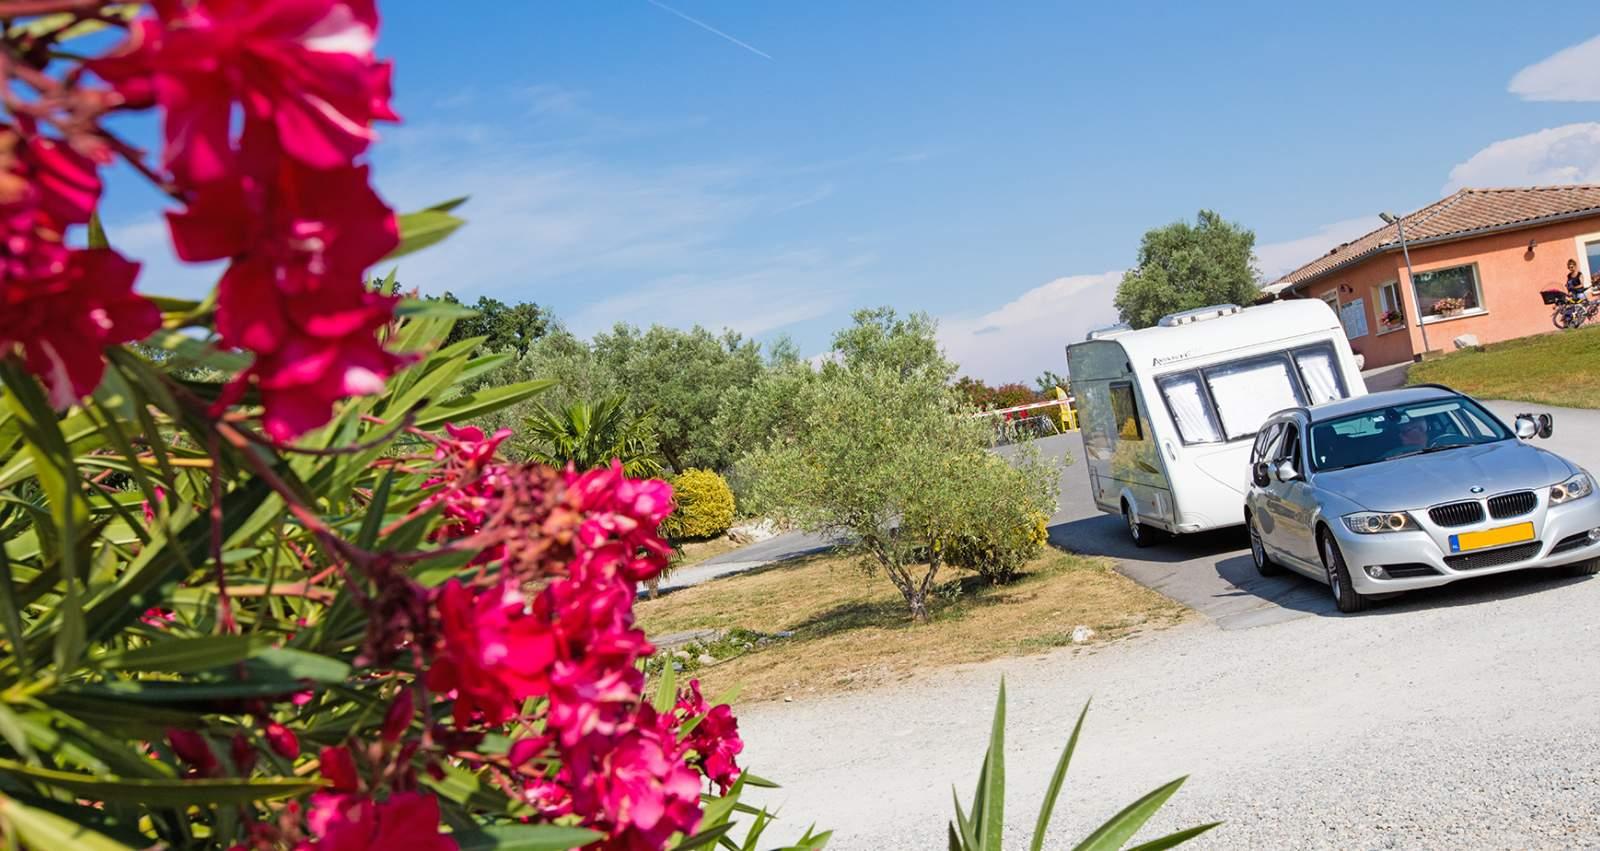 entree du camping avec voiture et caravane